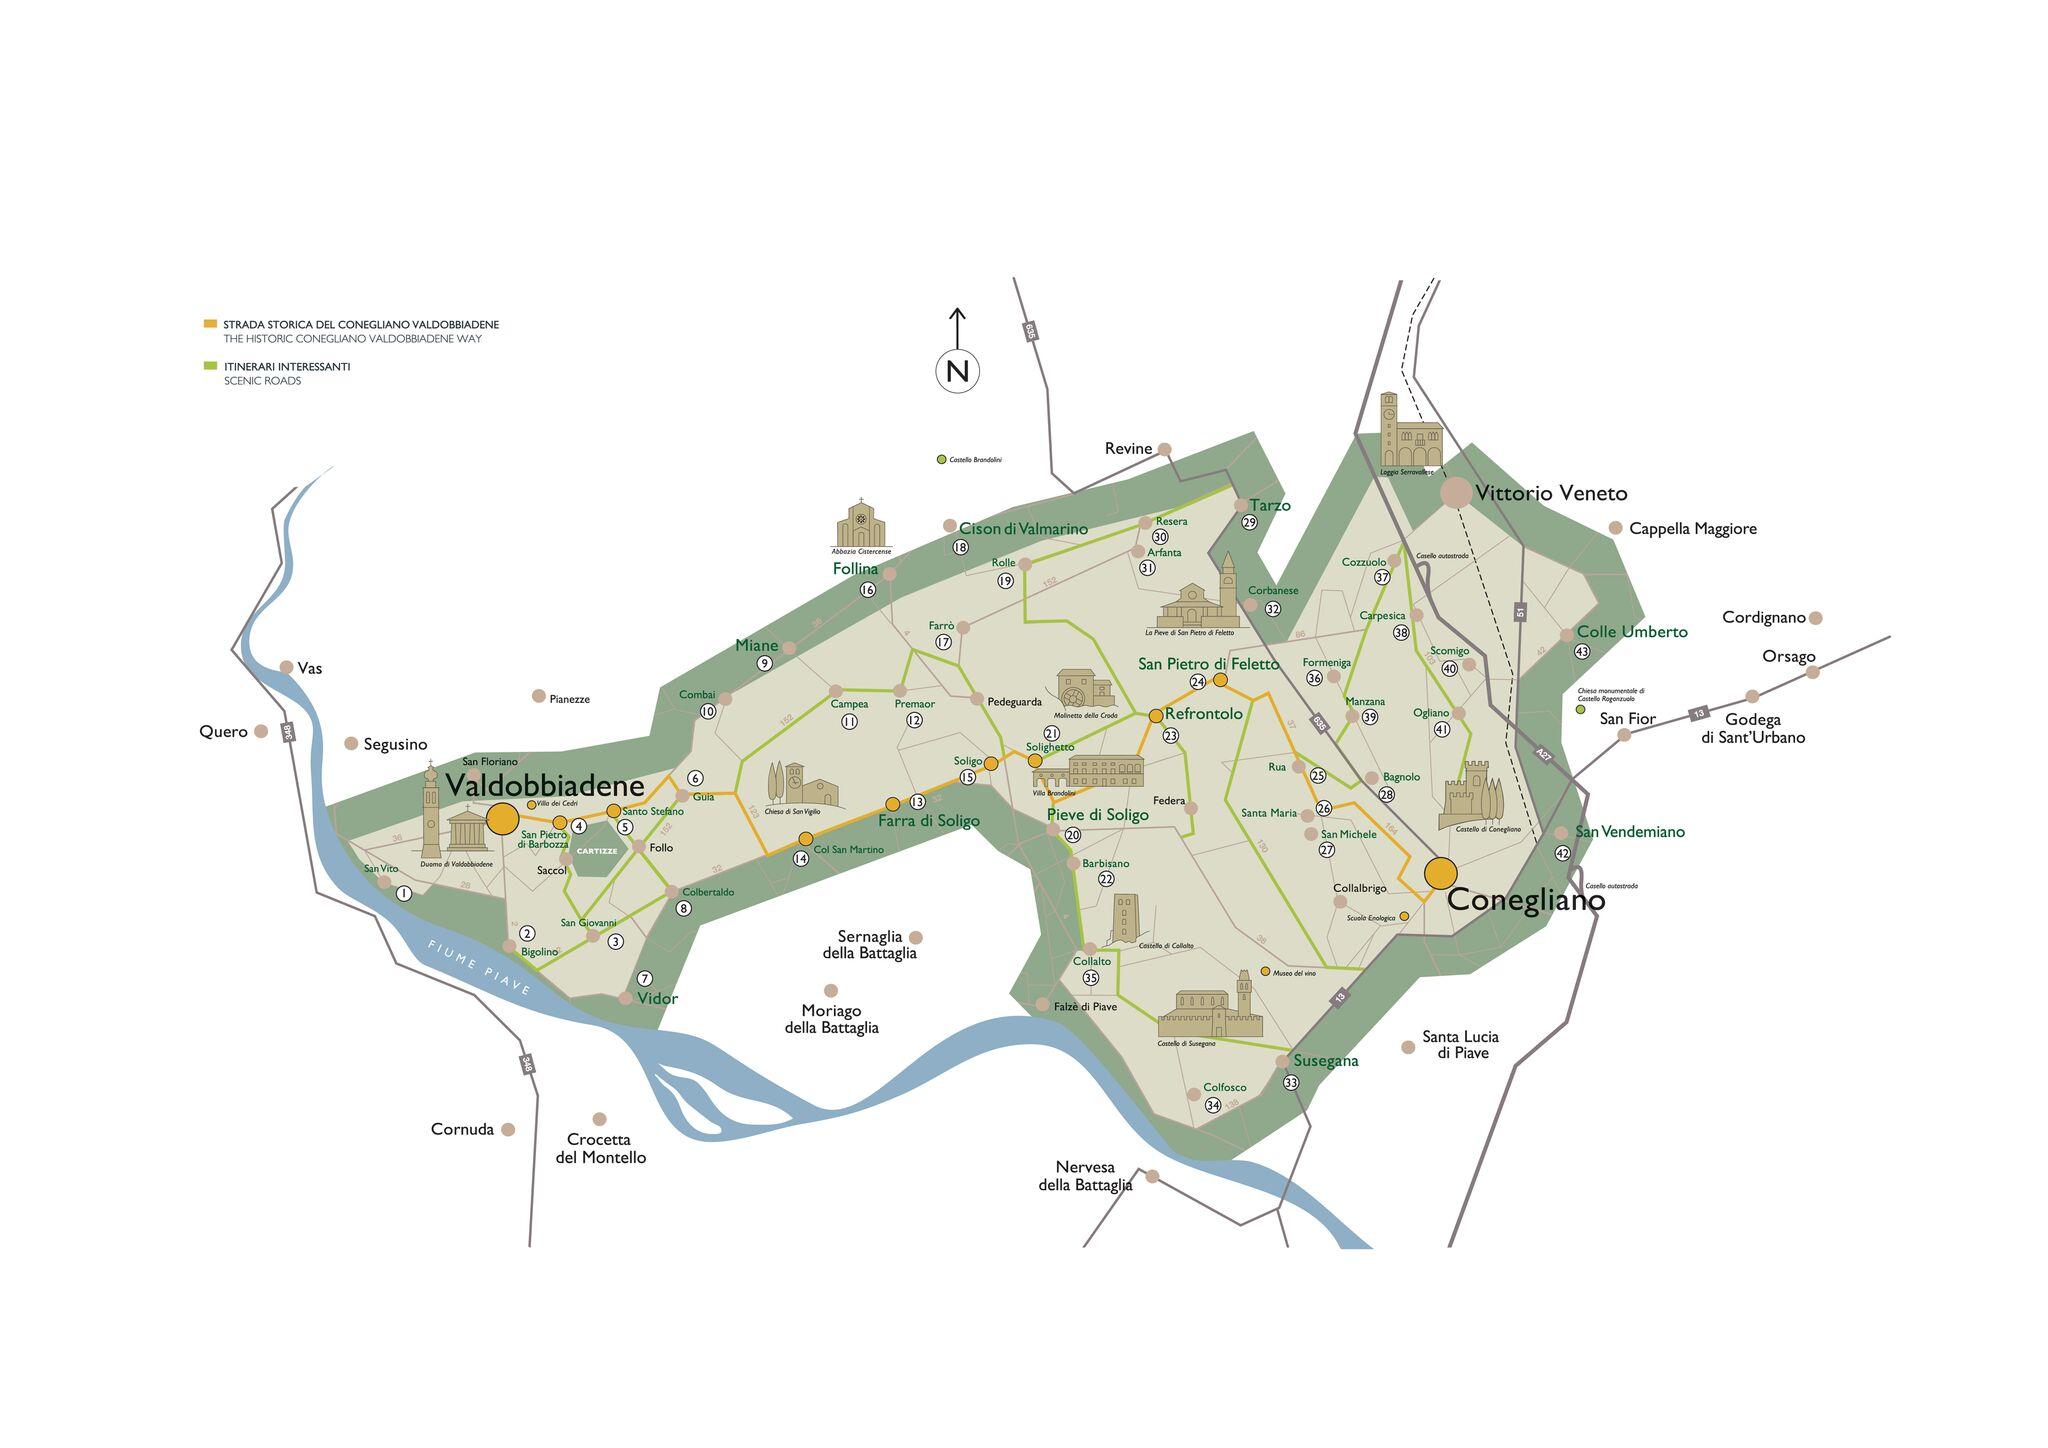 Prosecco on the map (Image: Prosecco Superiore DOCG)